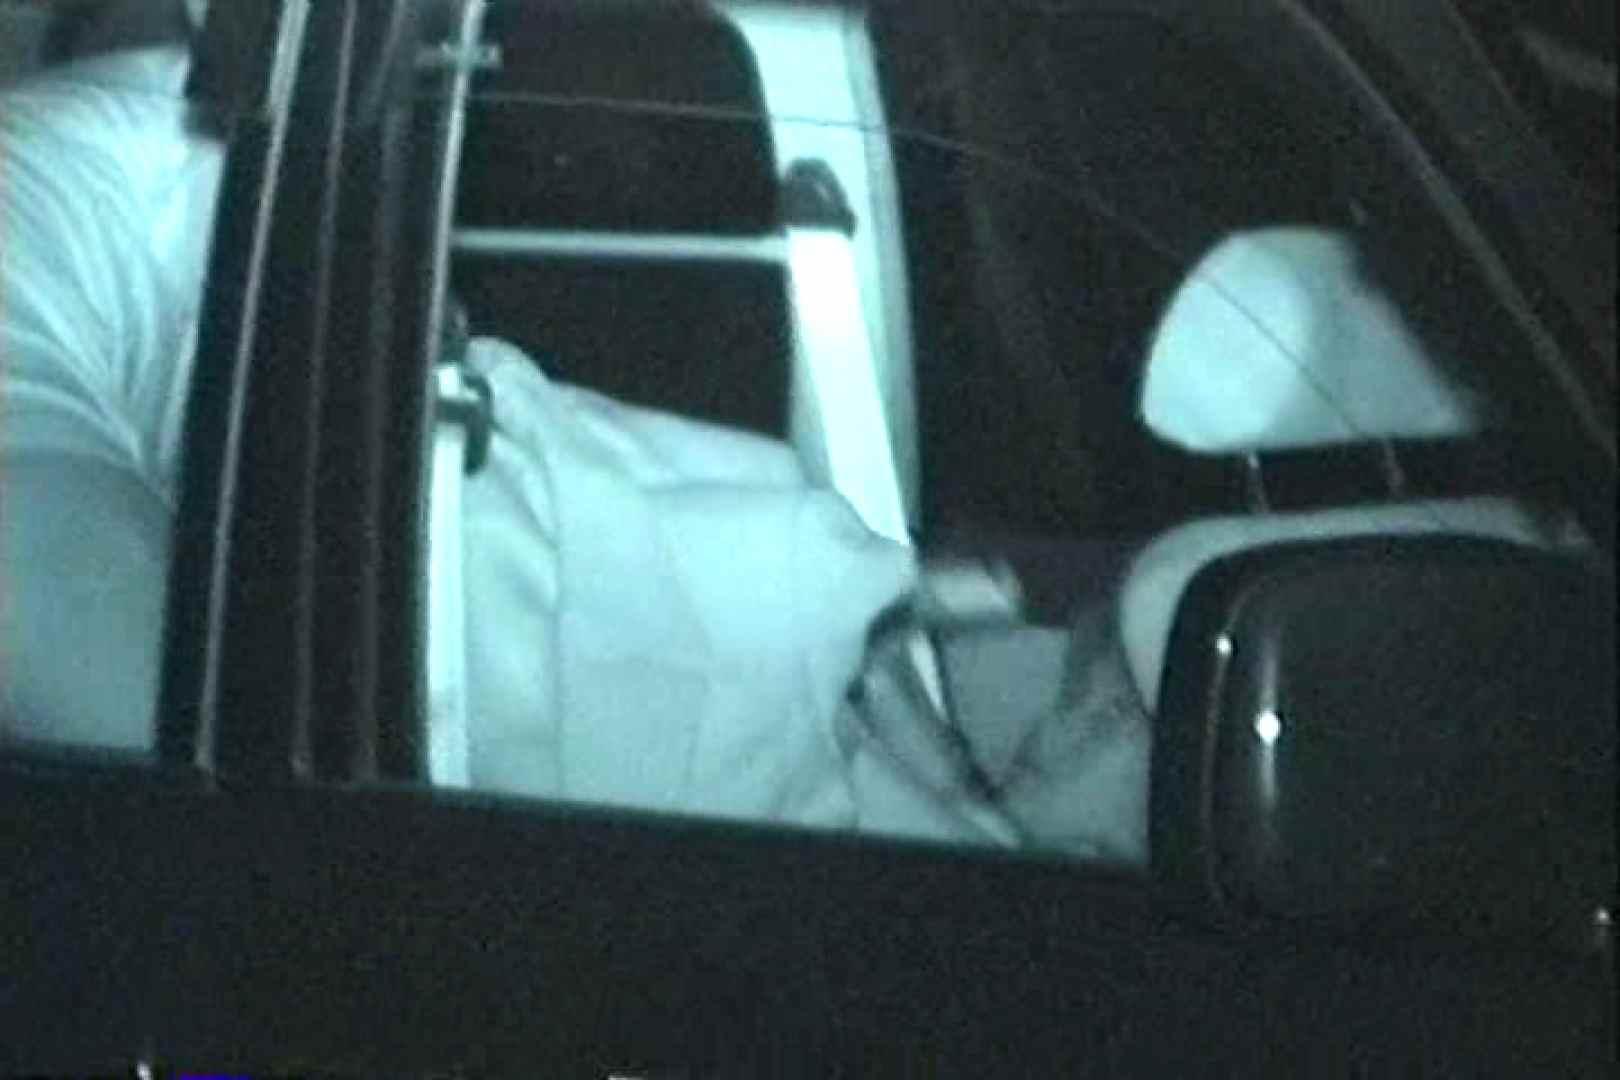 車の中はラブホテル 無修正版  Vol.28 カップル 盗撮画像 99pic 59